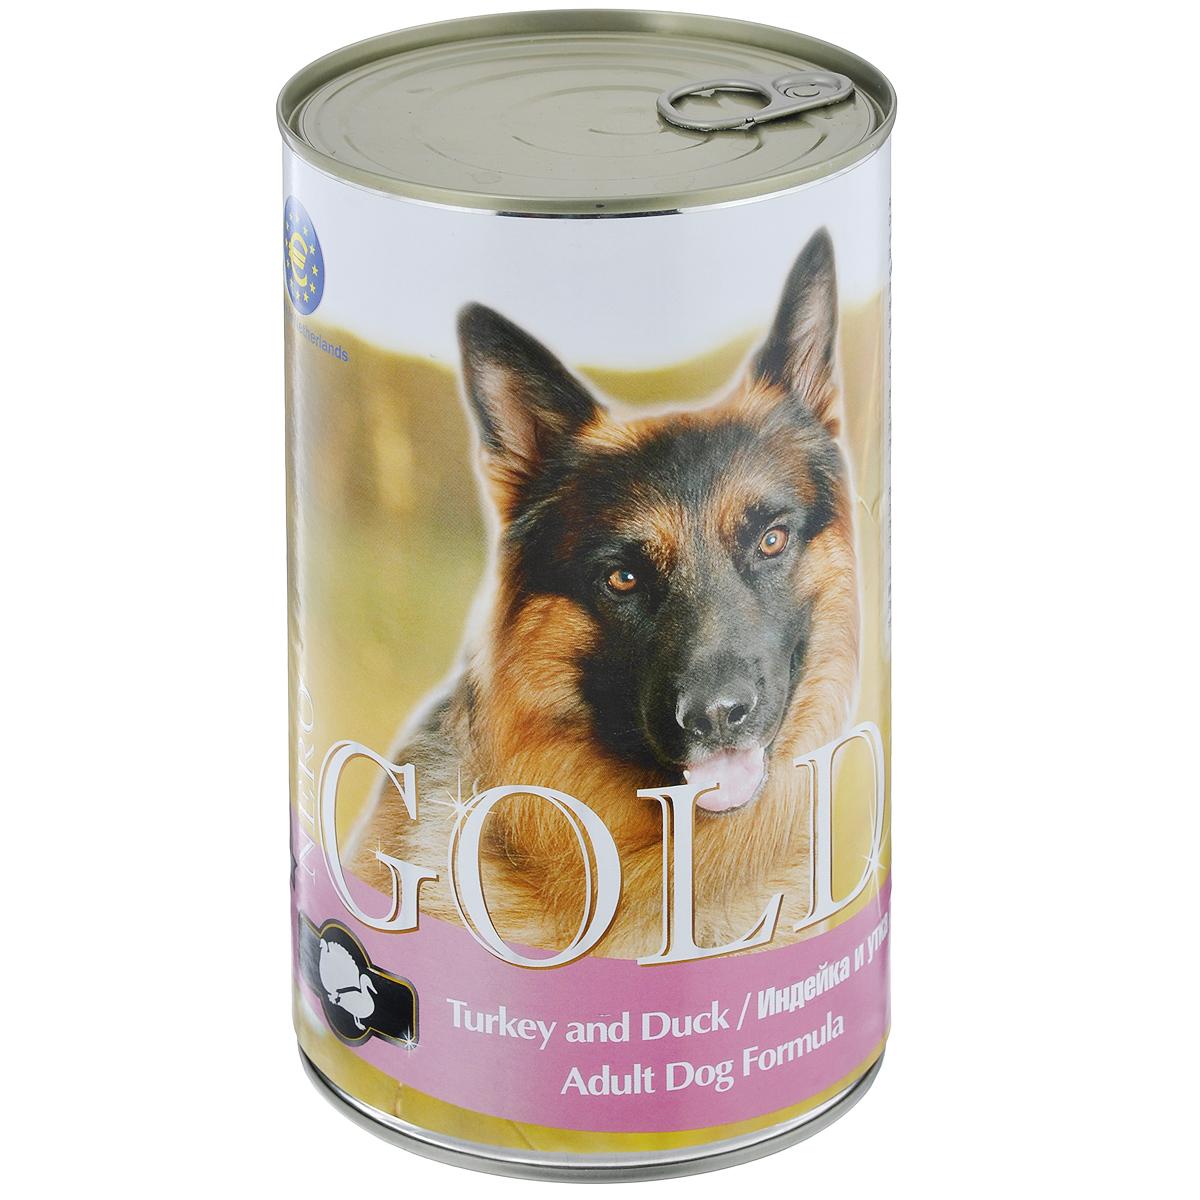 Консервы для собак Nero Gold, с индейкой и уткой, 1250 г10319Консервы для собак Nero Gold - полнорационный продукт, содержащий все необходимые витамины и минералы, сбалансированный для поддержания оптимального здоровья вашего питомца! Состав: мясо и его производные, филе курицы, филе индейки, филе утки, злаки, витамины и минералы. Гарантированный анализ: белки 6,5%, жиры 4,5%, клетчатка 0,5%, зола 2%, влага 81%. Пищевые добавки на 1 кг продукта: витамин А 1600 МЕ, витамин D 140 МЕ, витамин Е 10 МЕ, железо 24 мг, марганец 6 мг, цинк 15 мг, медь 1 мг, магний 200 мг, йод 0,3 мг, селен 0,2 мг. Вес: 1250 г. Товар сертифицирован.